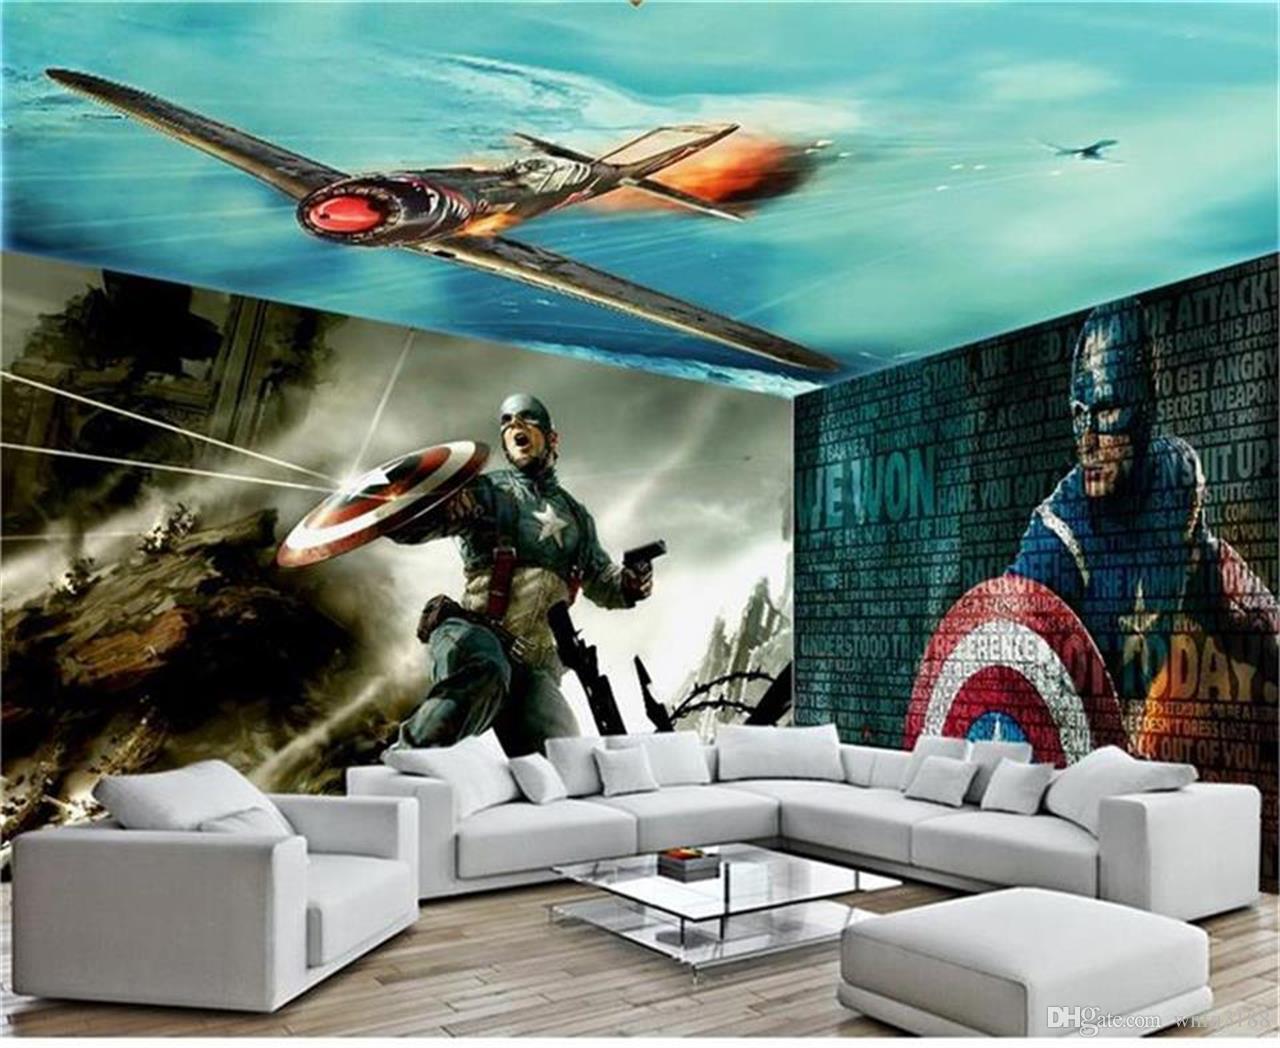 Personnalisé taille 3d photo papier peint enfants peinture murale Captain America espace photo image peinture TV fond mur papier peint non-tissé mur autocollant